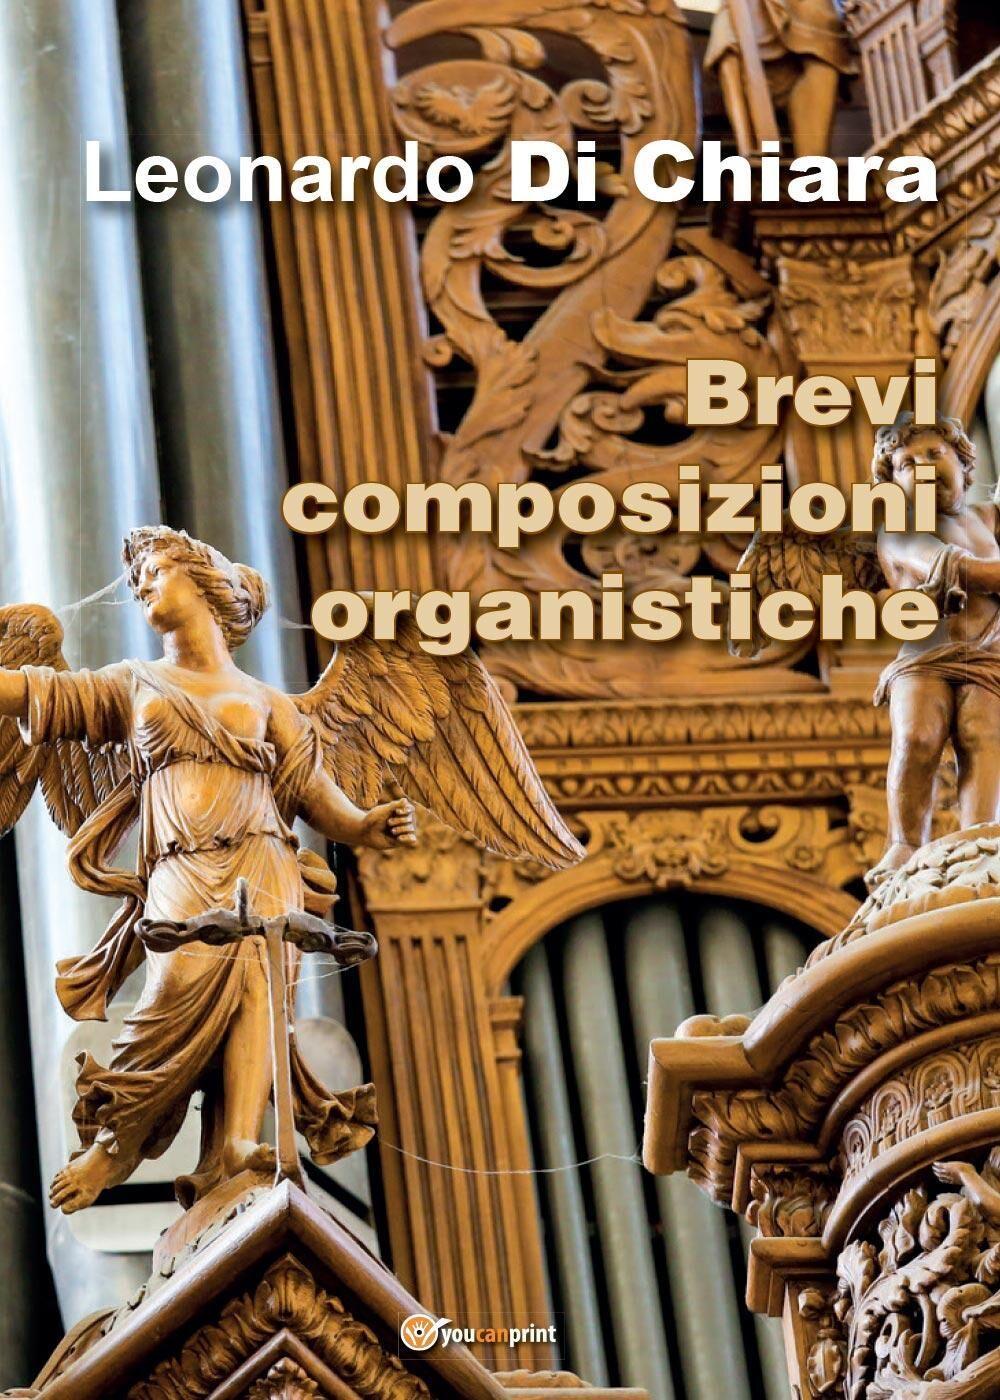 Brevi composizioni organistiche